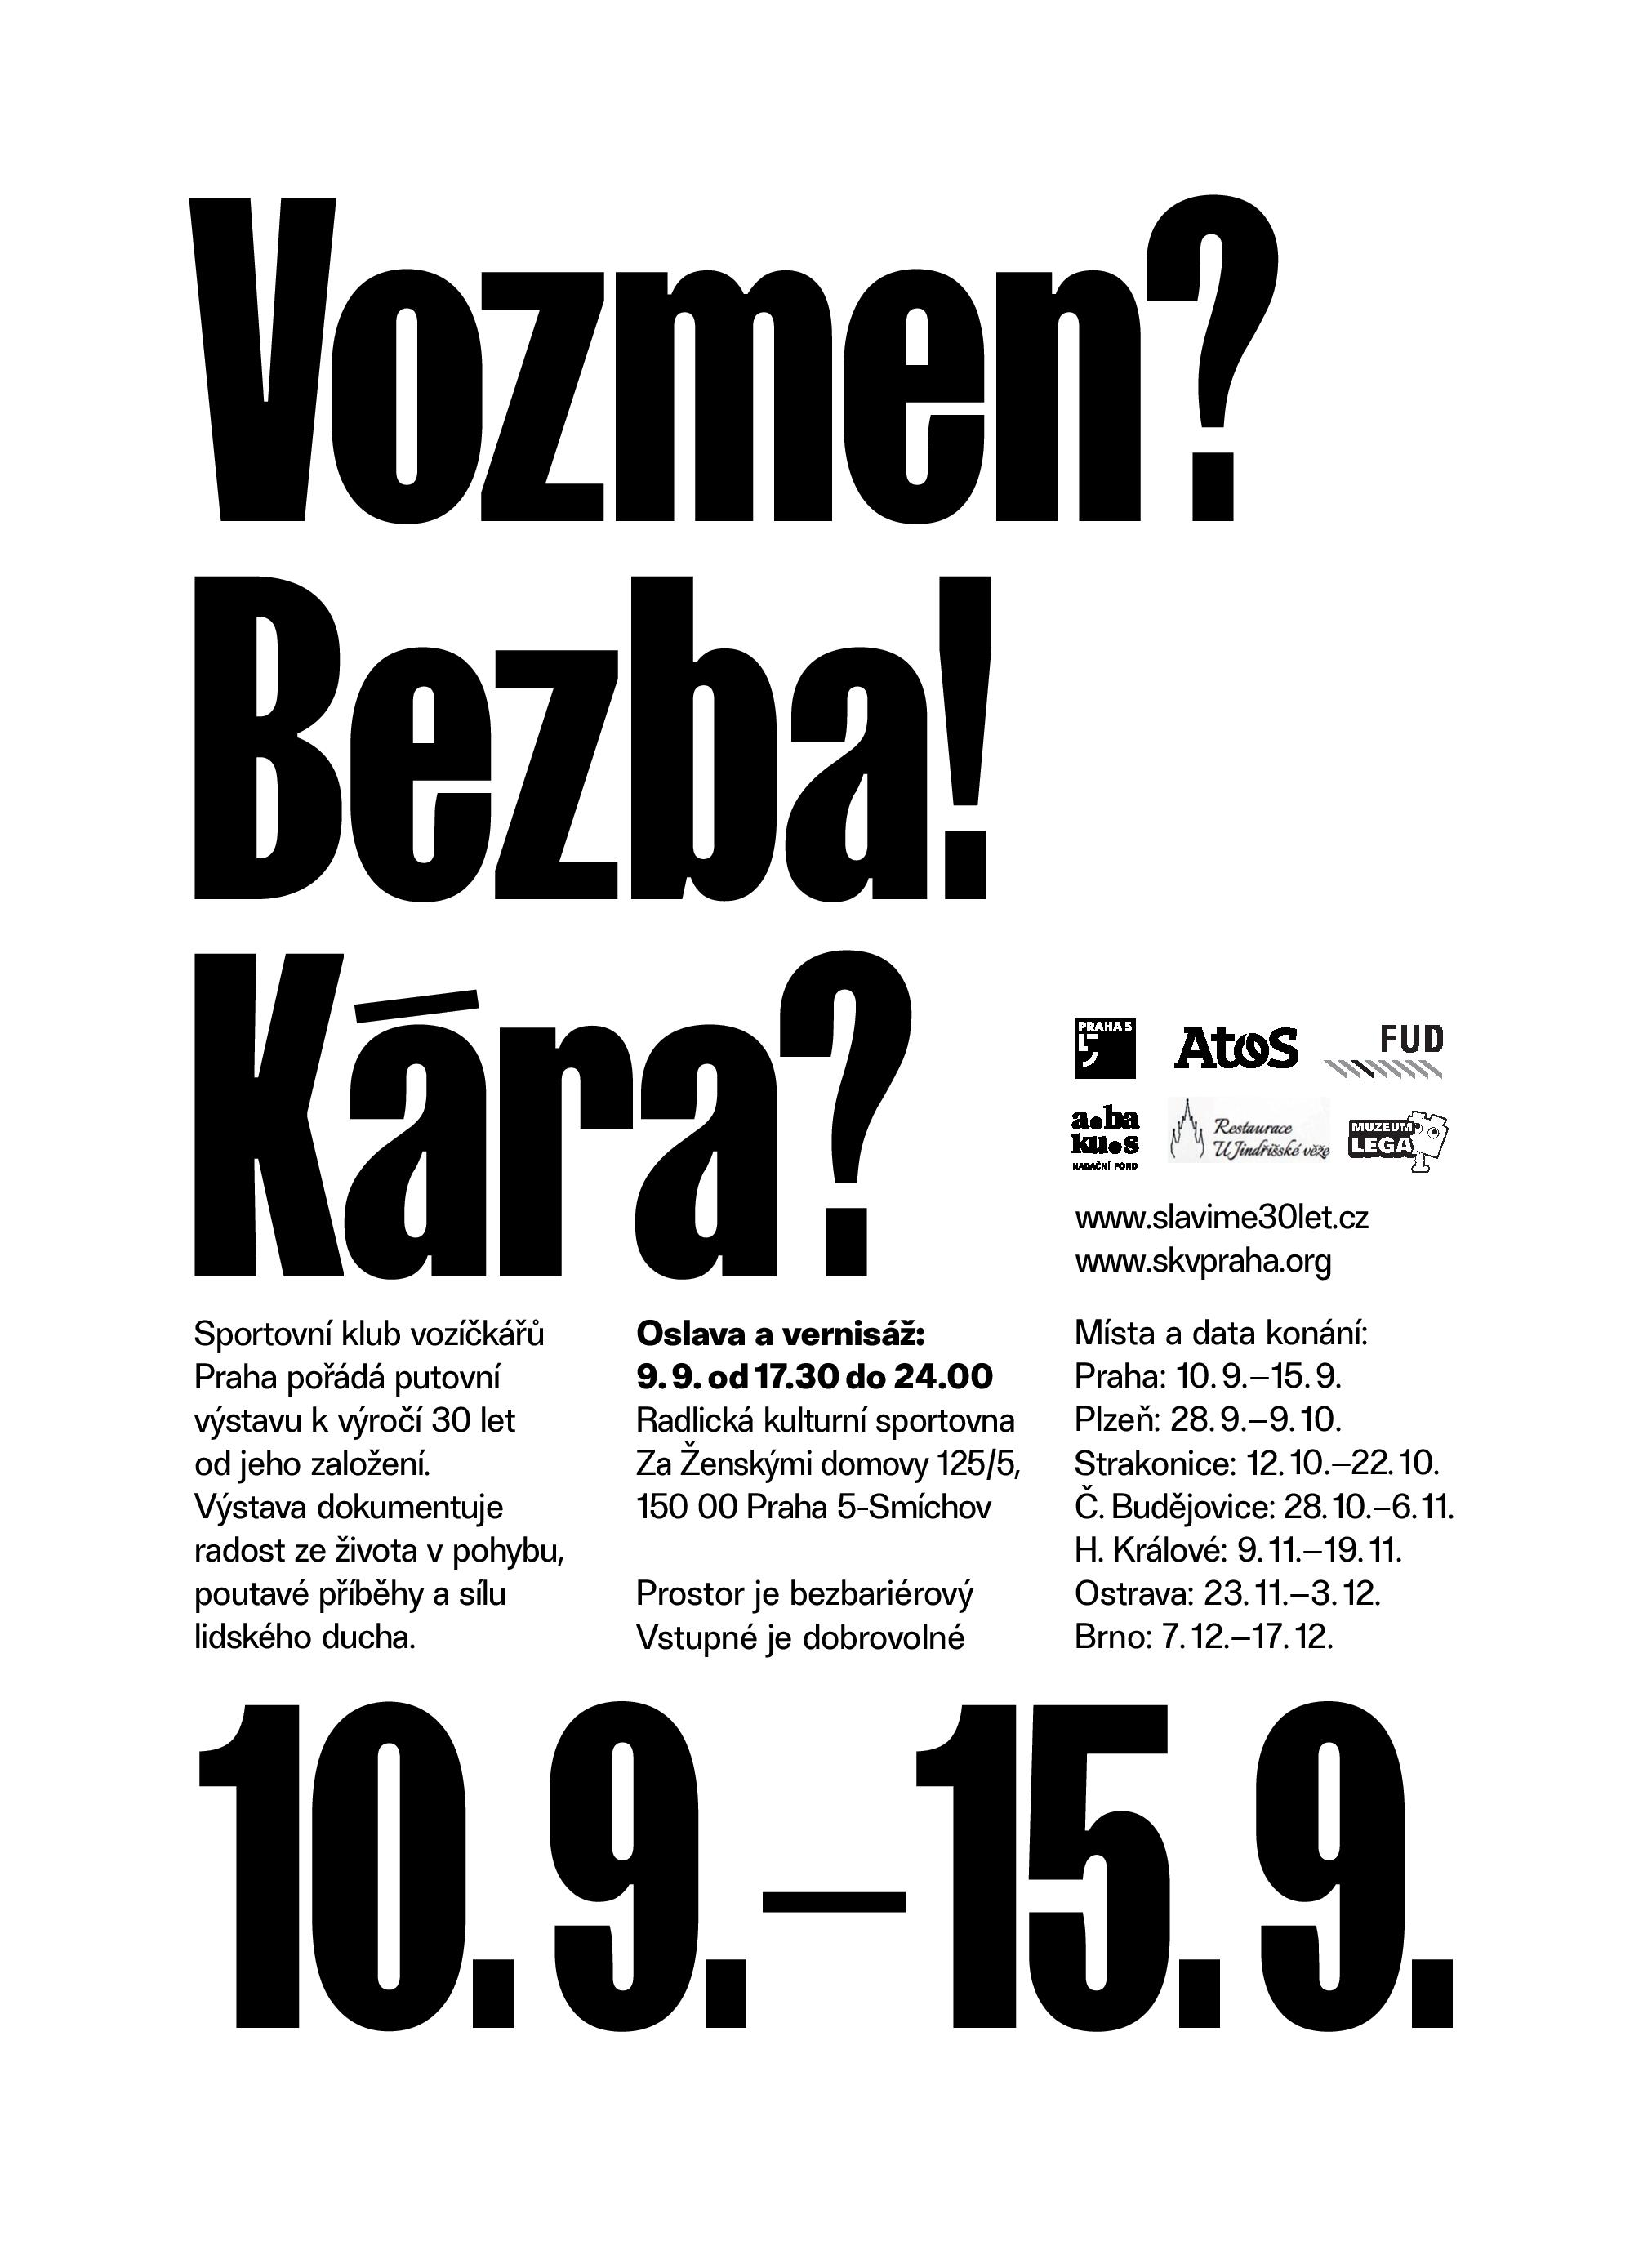 sportovni-klub-vozickaru-praha-slavi-30-let-existence-za-podpory-mc-praha-5-pripravil-putovni-fotografickou-vystavu